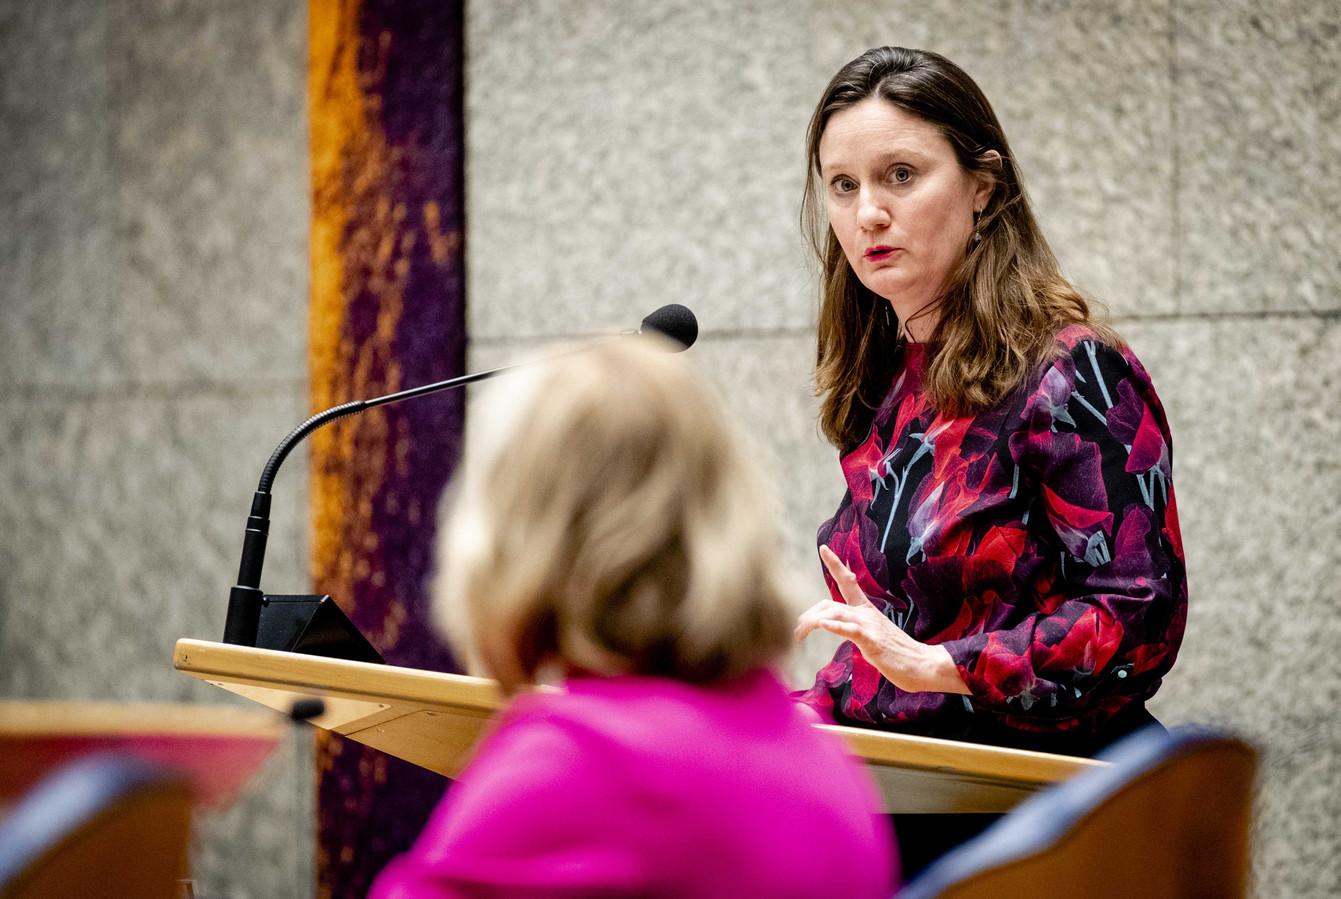 Suzanne Kröger (GroenLinks) en Cora van Nieuwenhuizen, minister van Infrastructuur en Waterstaat, tijdens het wekelijkse vragenuur in de Tweede Kamer.